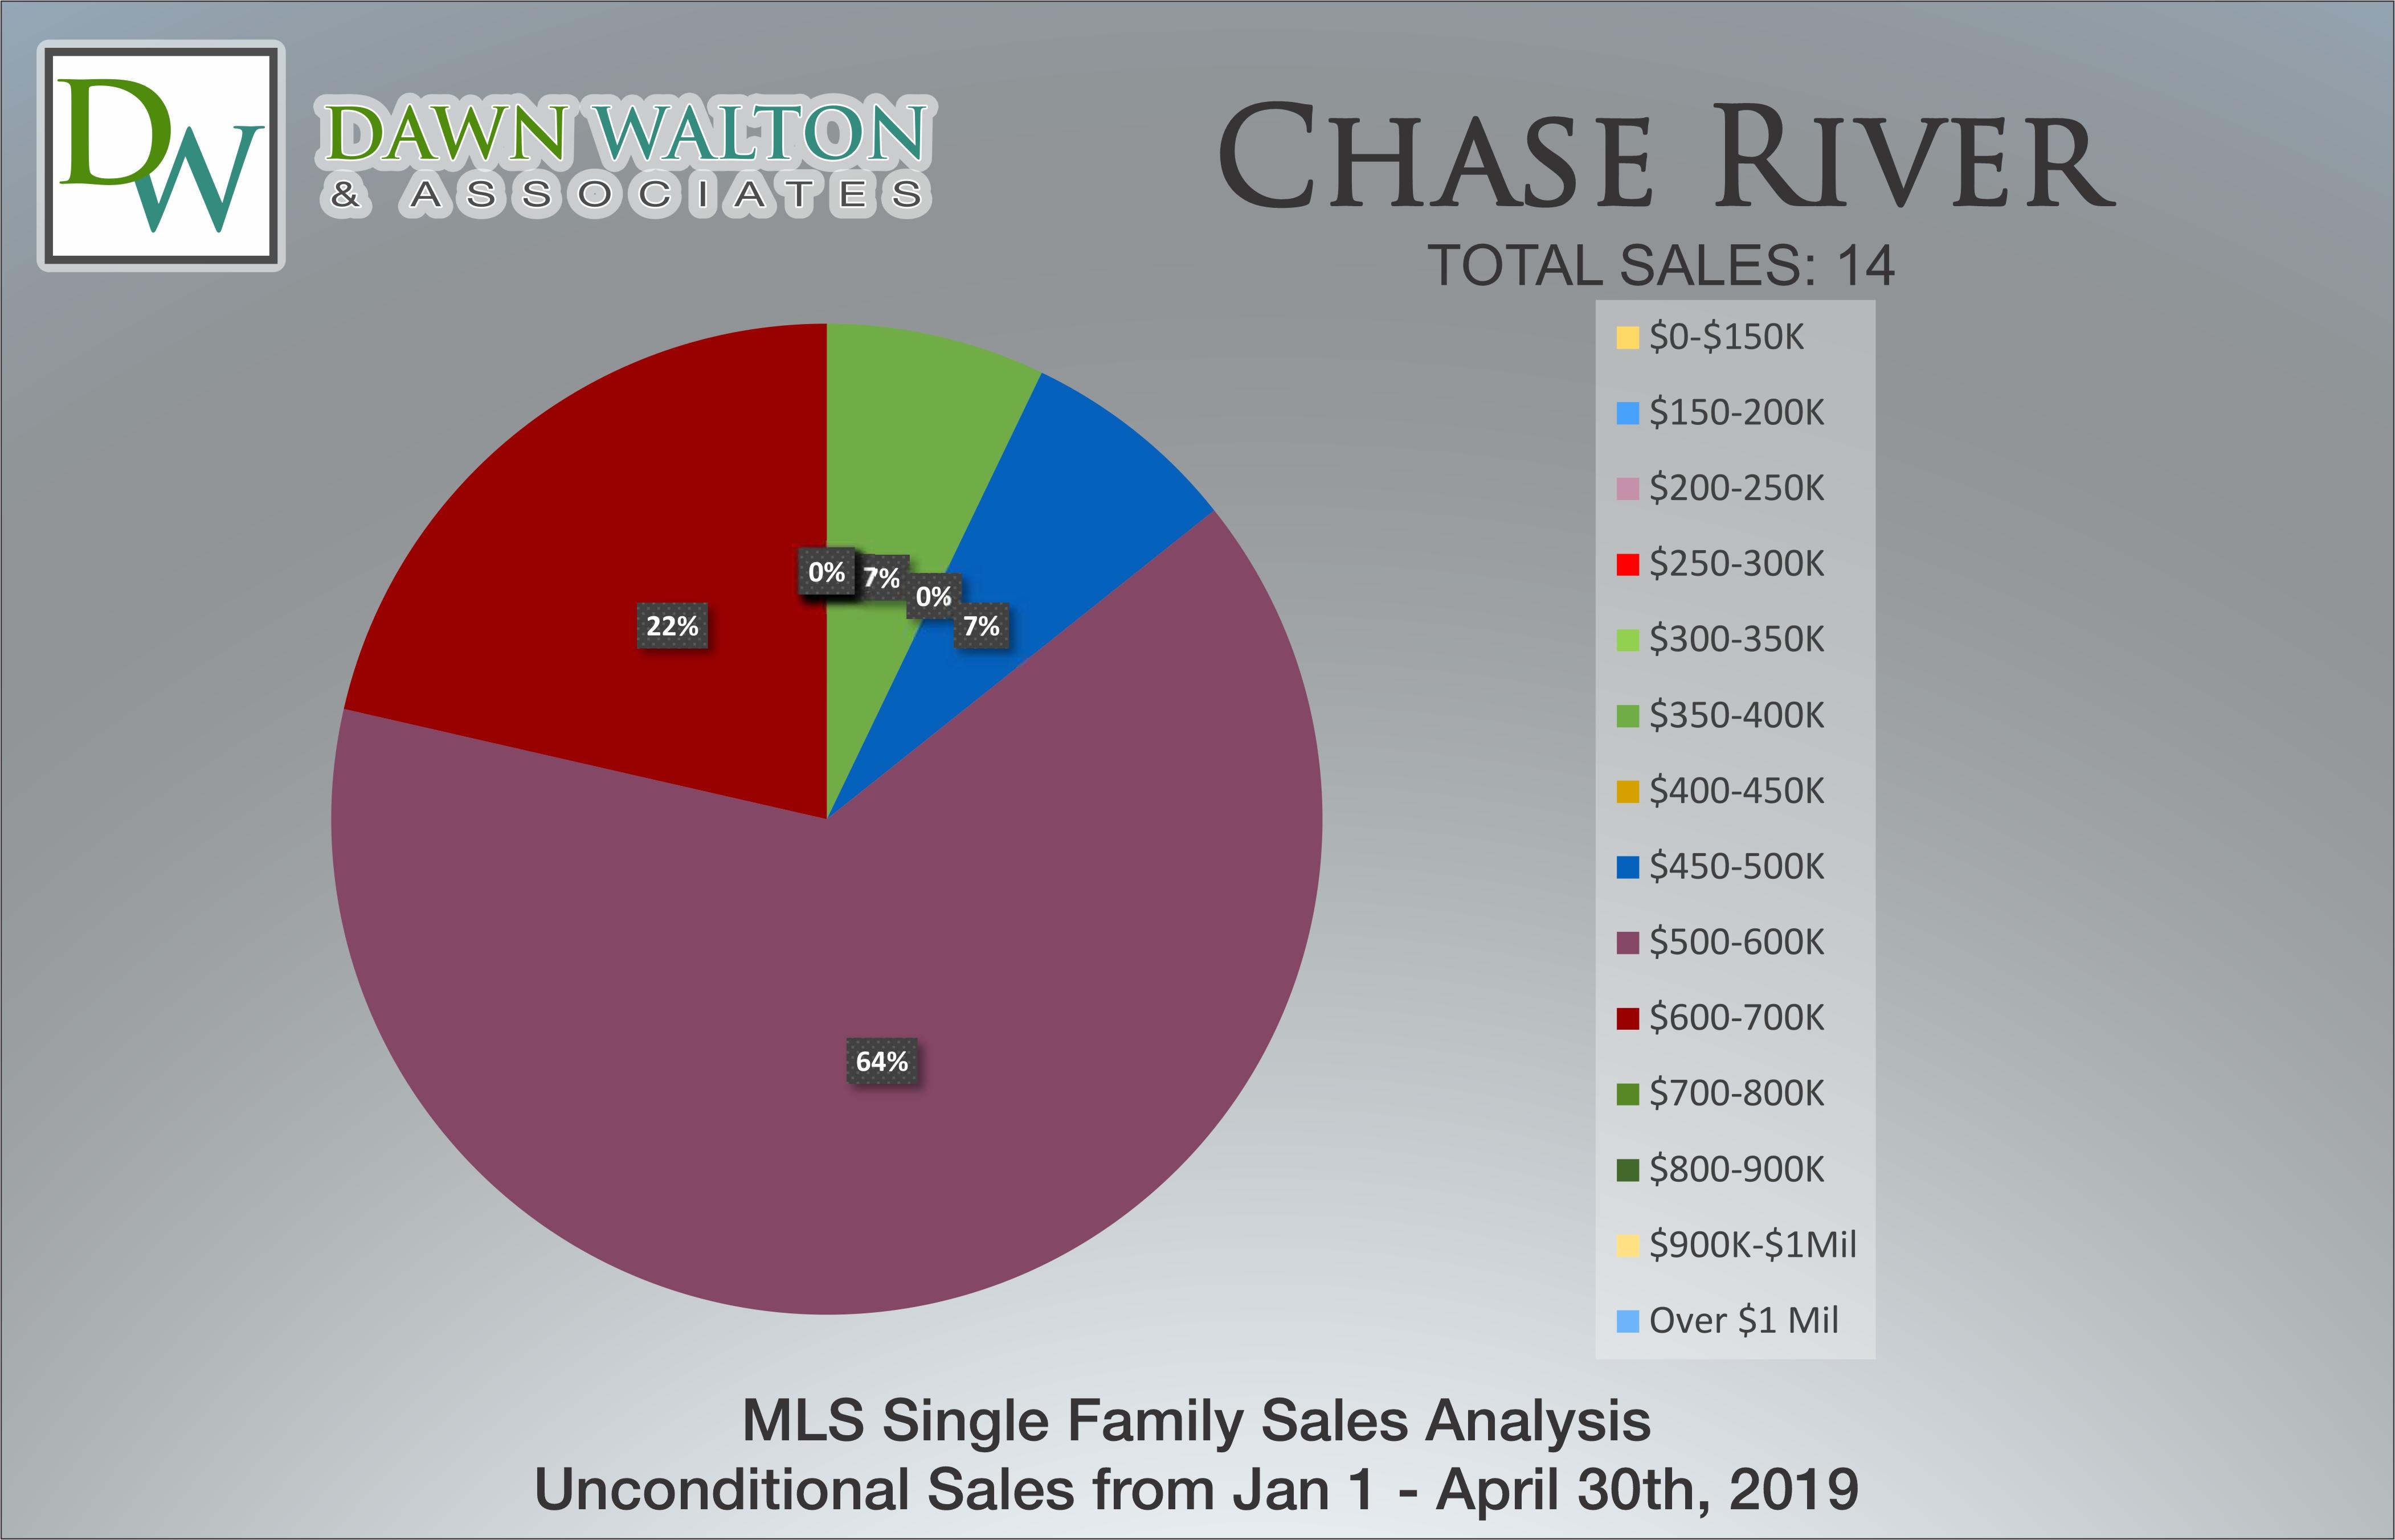 Chase River Real Estate Market Stats Price Percentage Jan 1 - April 30, 2019 - Nanaimo Realtor Dawn Walton